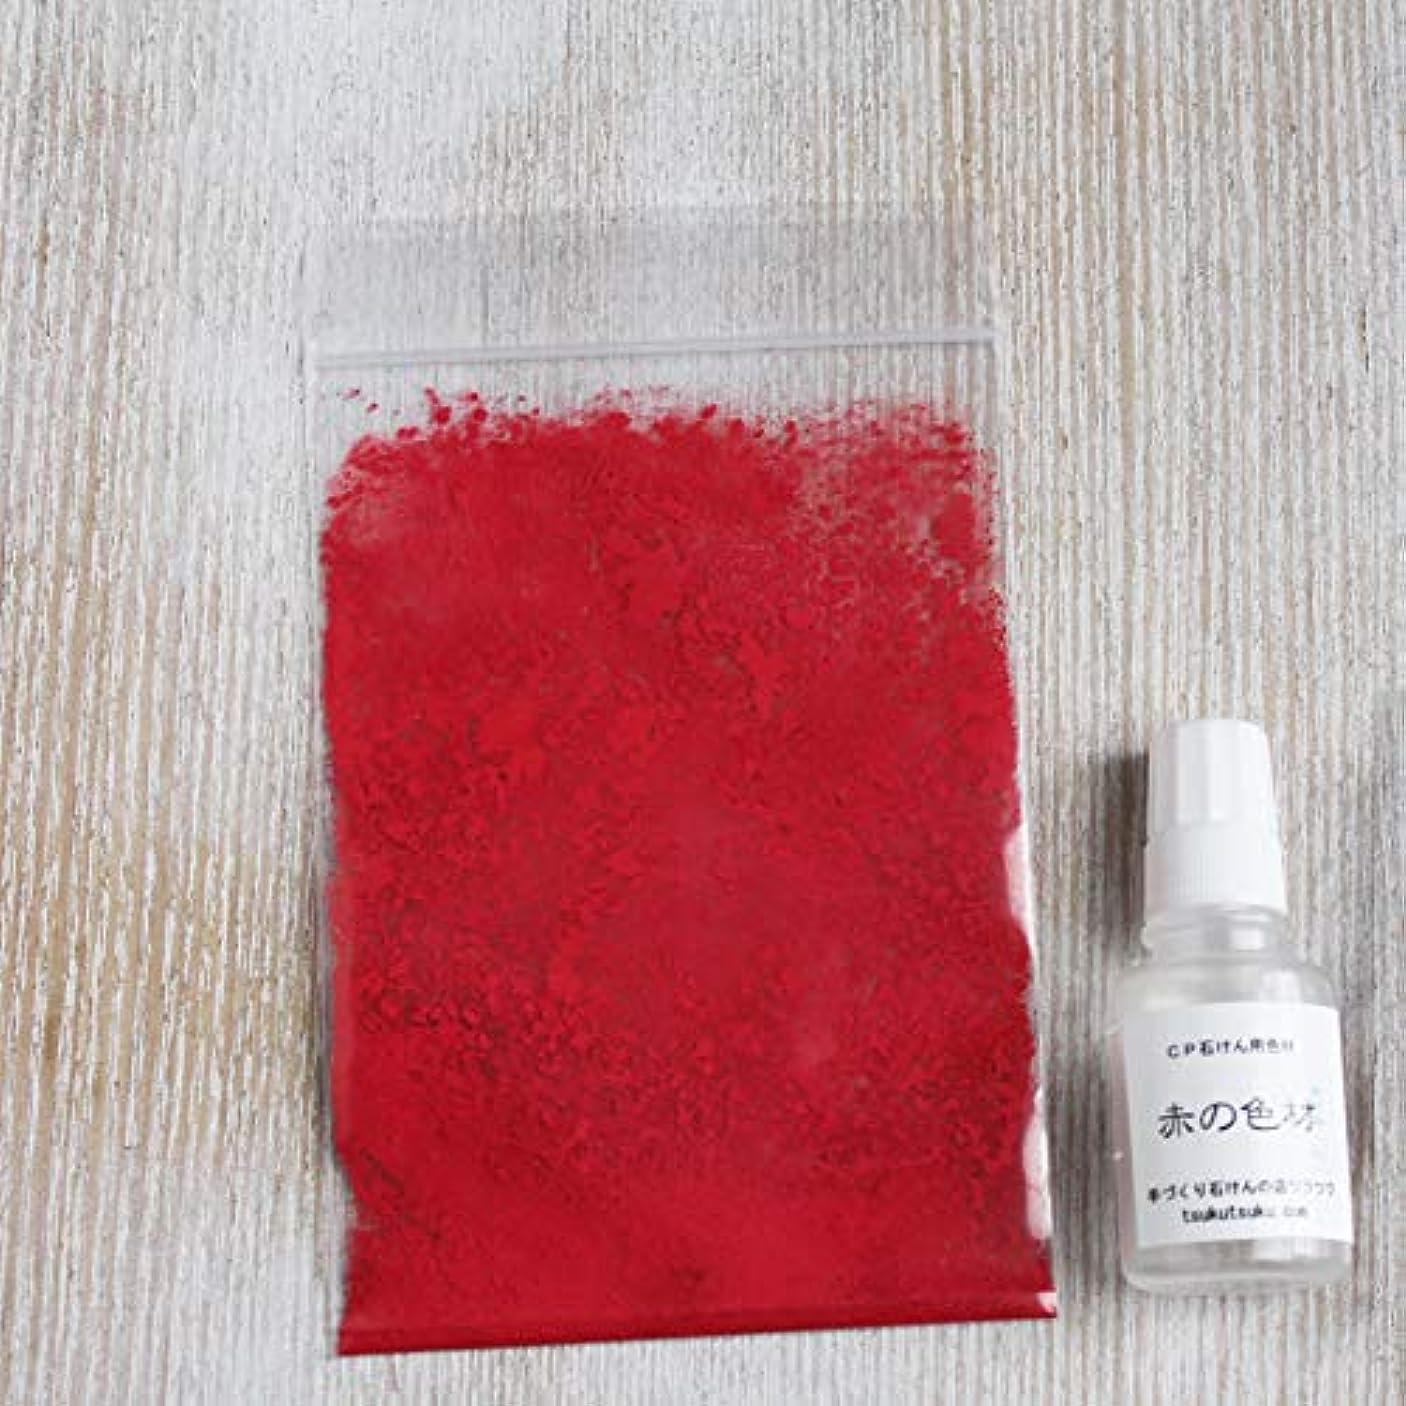 先生下品愚かなCP石けん用色材 赤の色材キット/手作り石けん?手作り化粧品材料